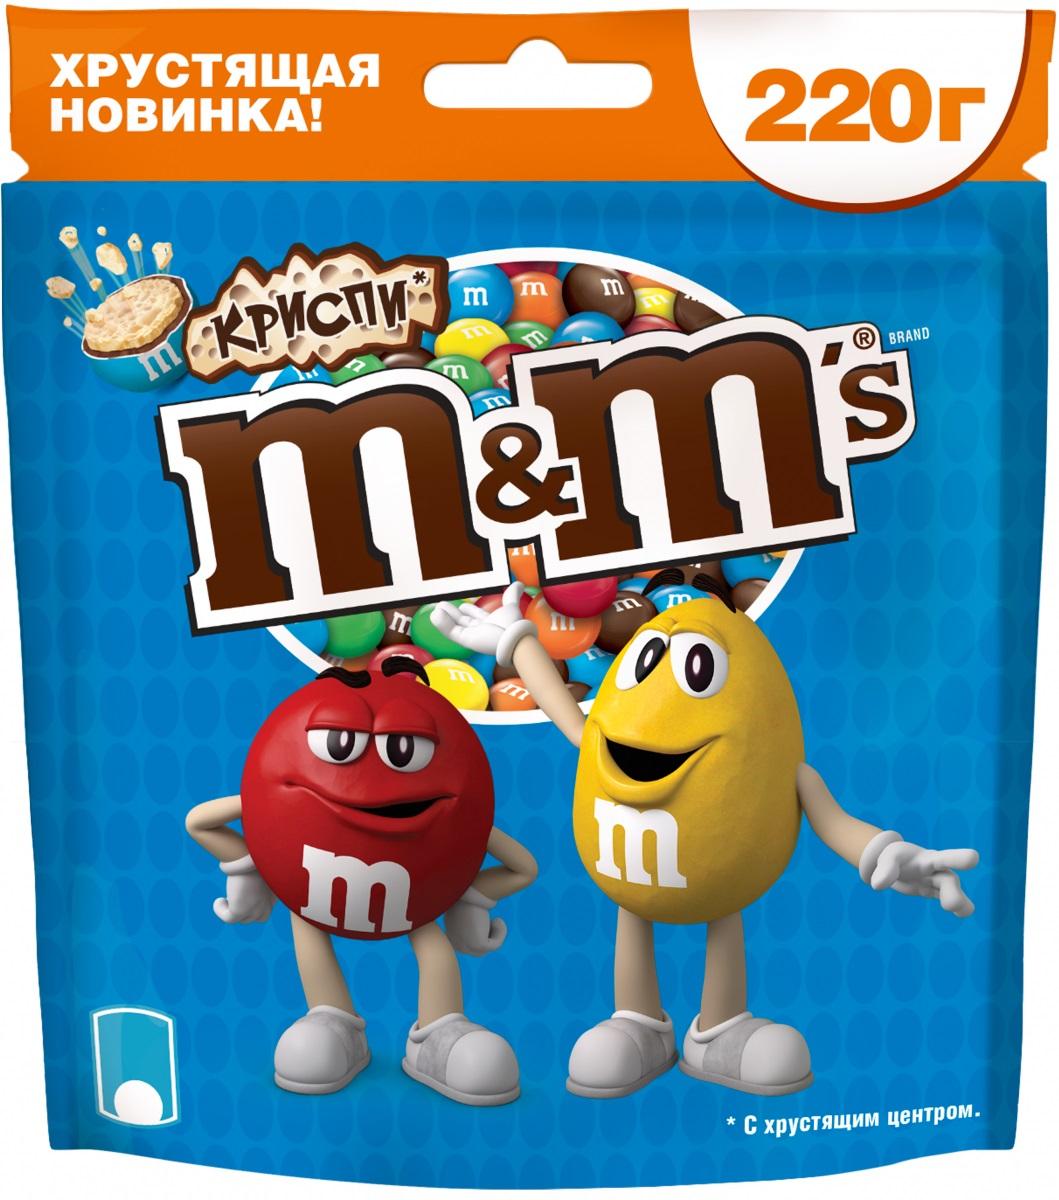 M&Ms Криспи драже с хрустящим центром, 220 г79003117Шоколадное драже M&Ms Криспи с хрустящим центром, покрытое молочным шоколадом.